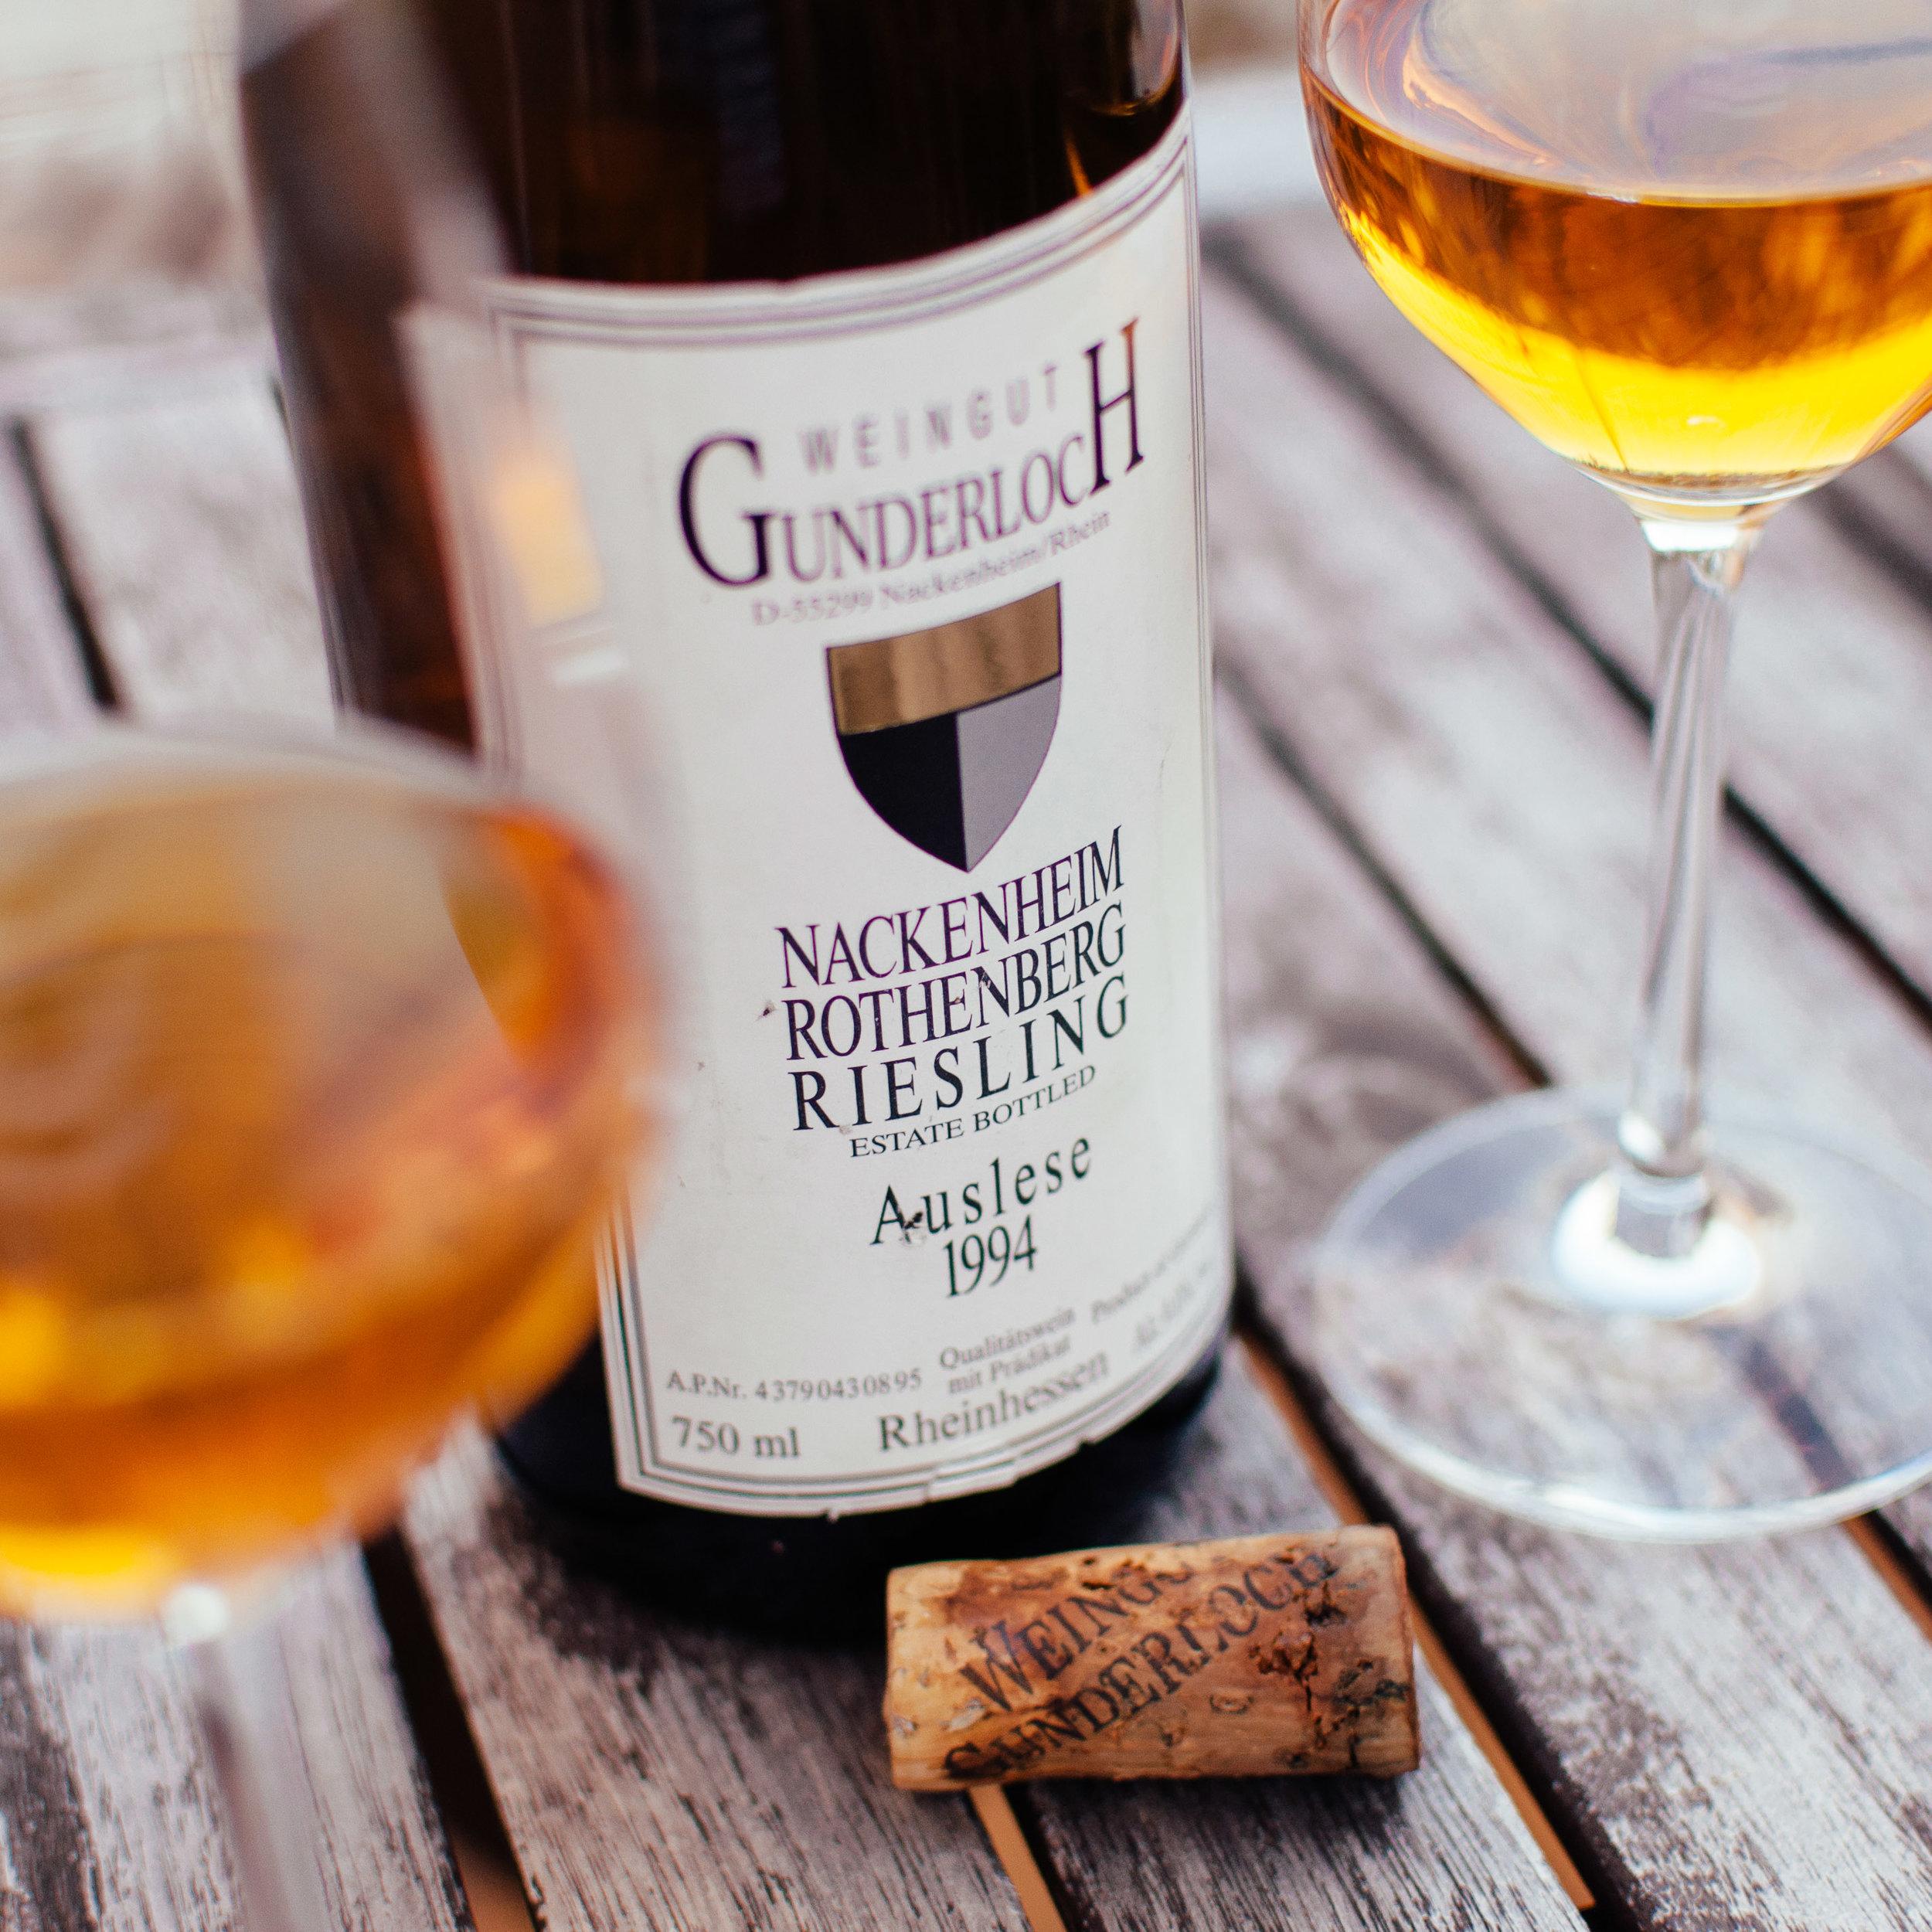 Gunderloch Nackenheim Rothenburg